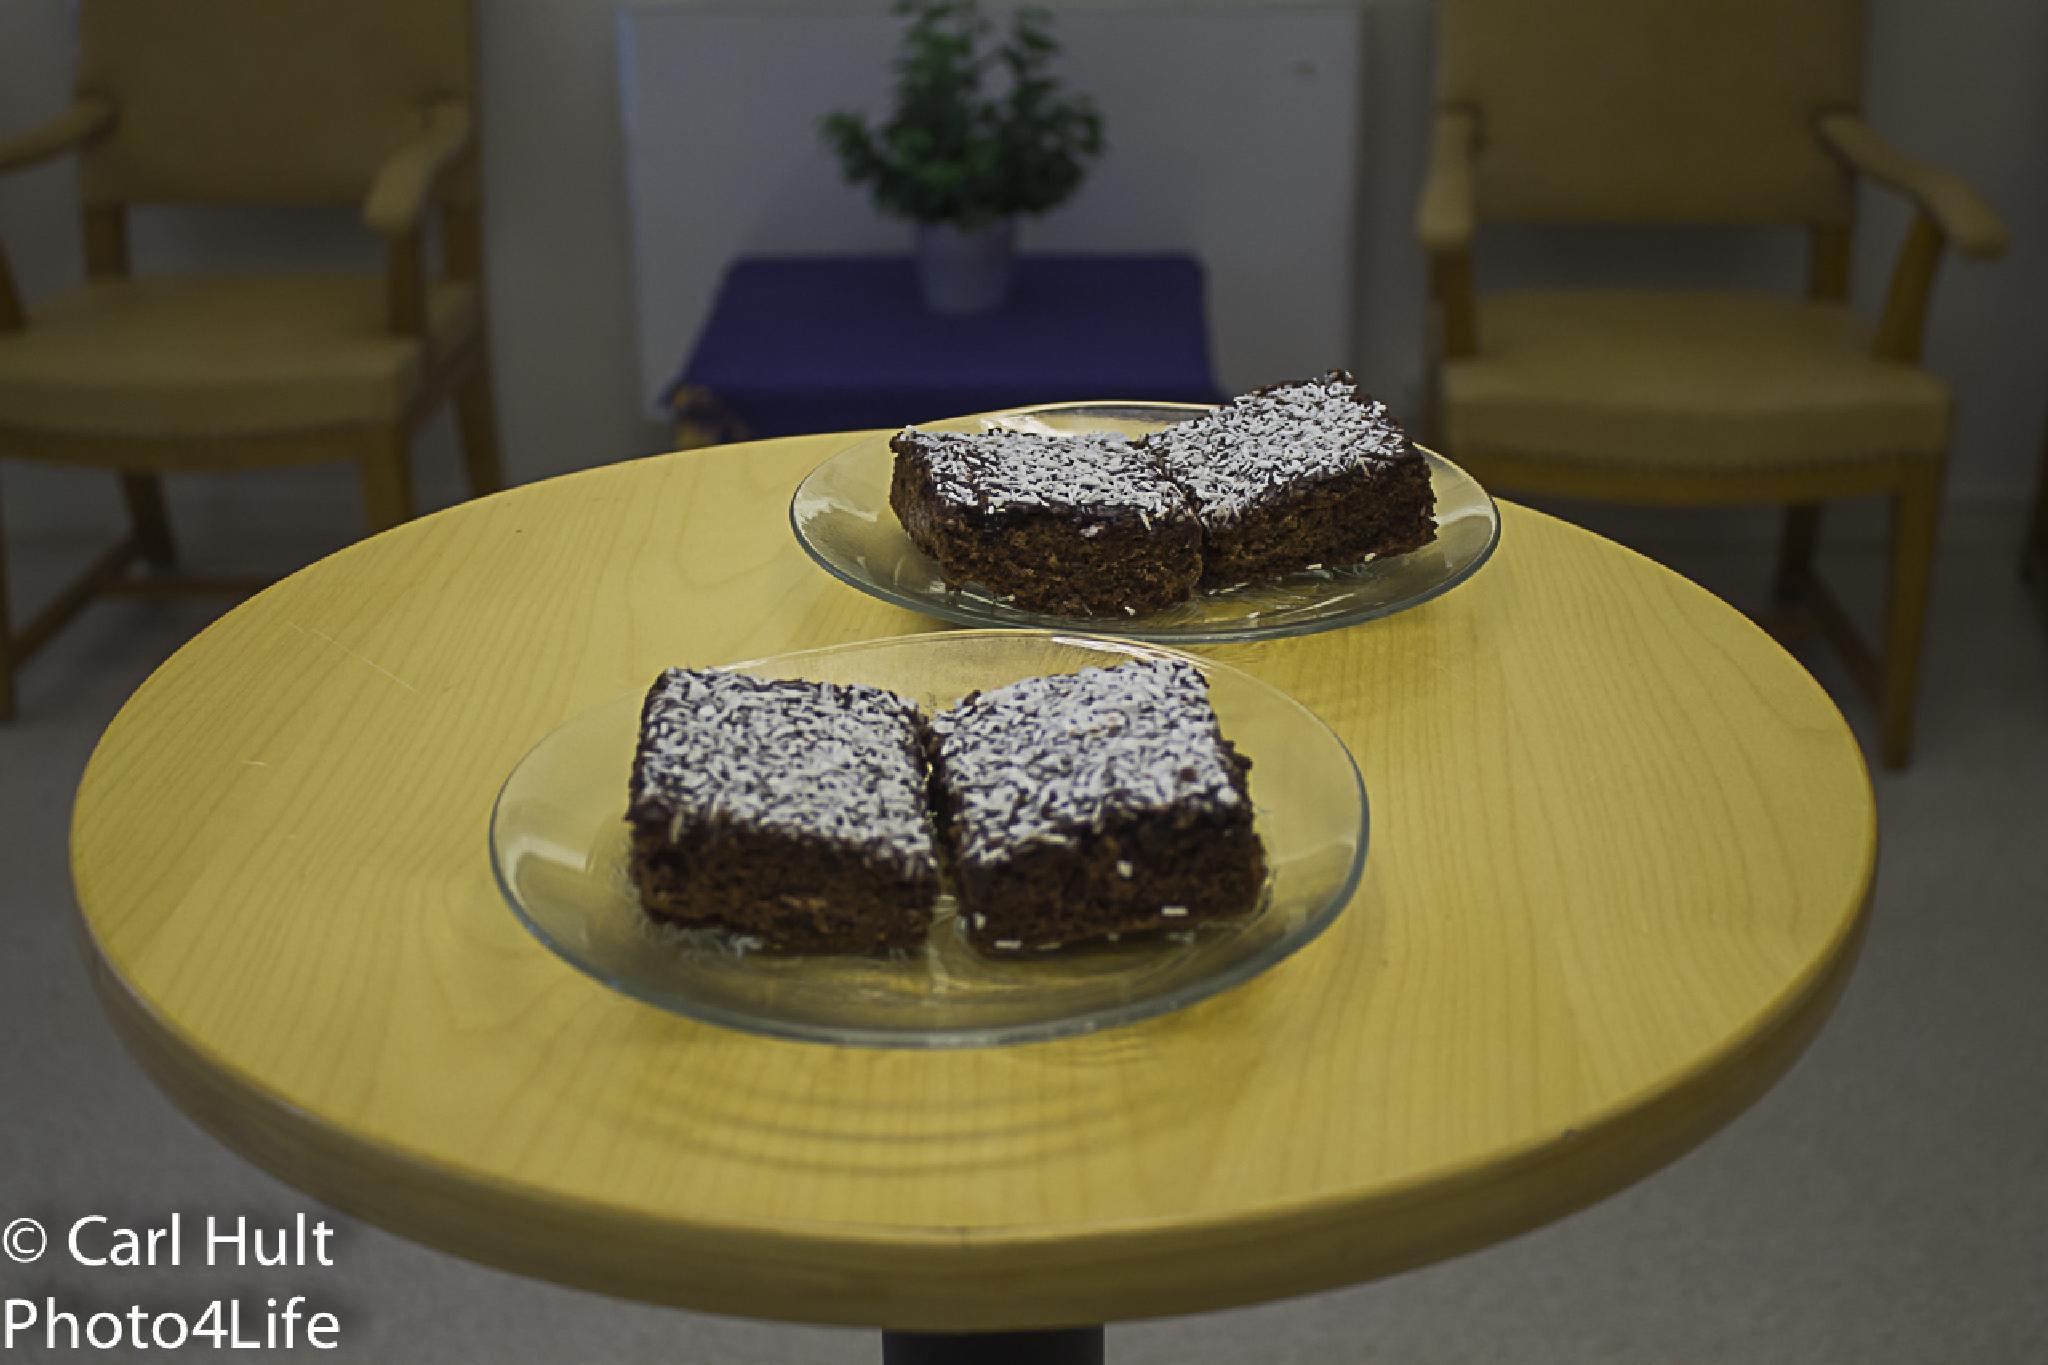 Brownies by Carl Hult